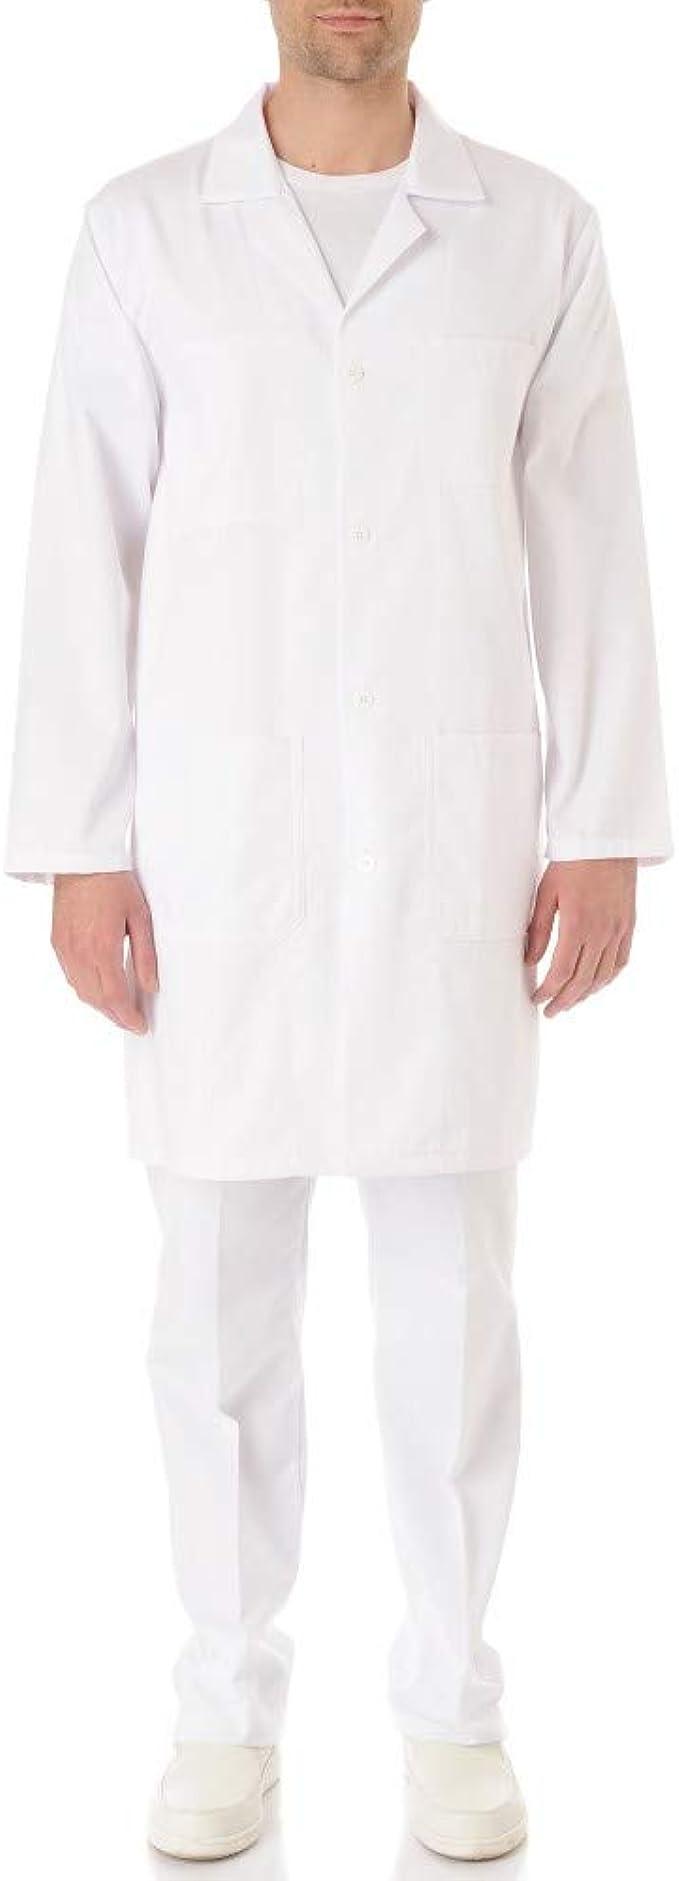 Bata química para laboratorio, 100% algodón, unisex, manga larga, para adulto/estudiantes, color blanco blanco XX-Small : Amazon.es: Ropa y accesorios